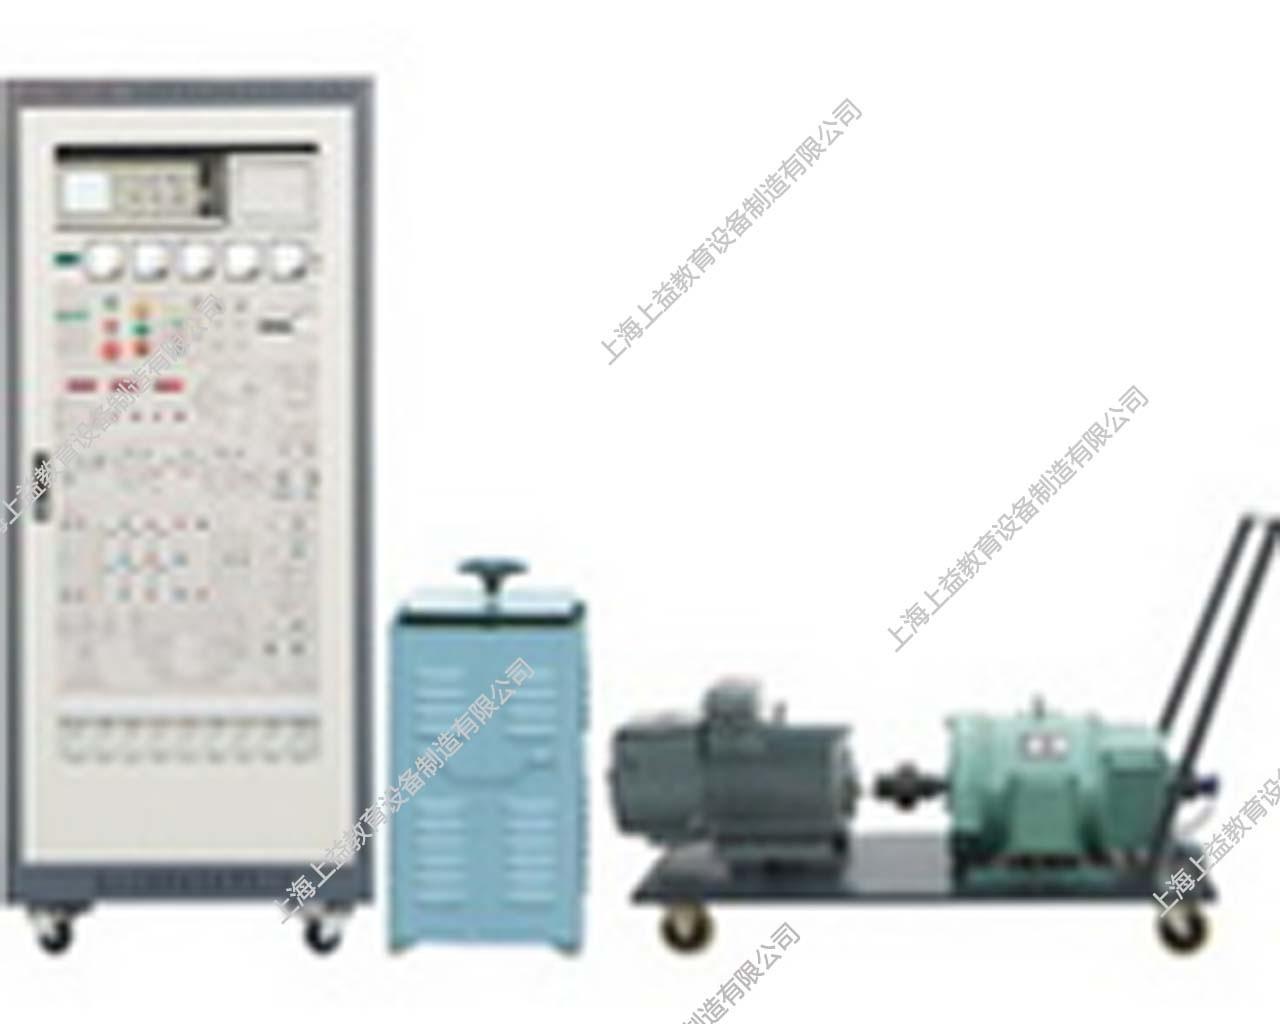 SYDLZ-780M大功率交流调速系统wwwlehu8viplehu68vip装置